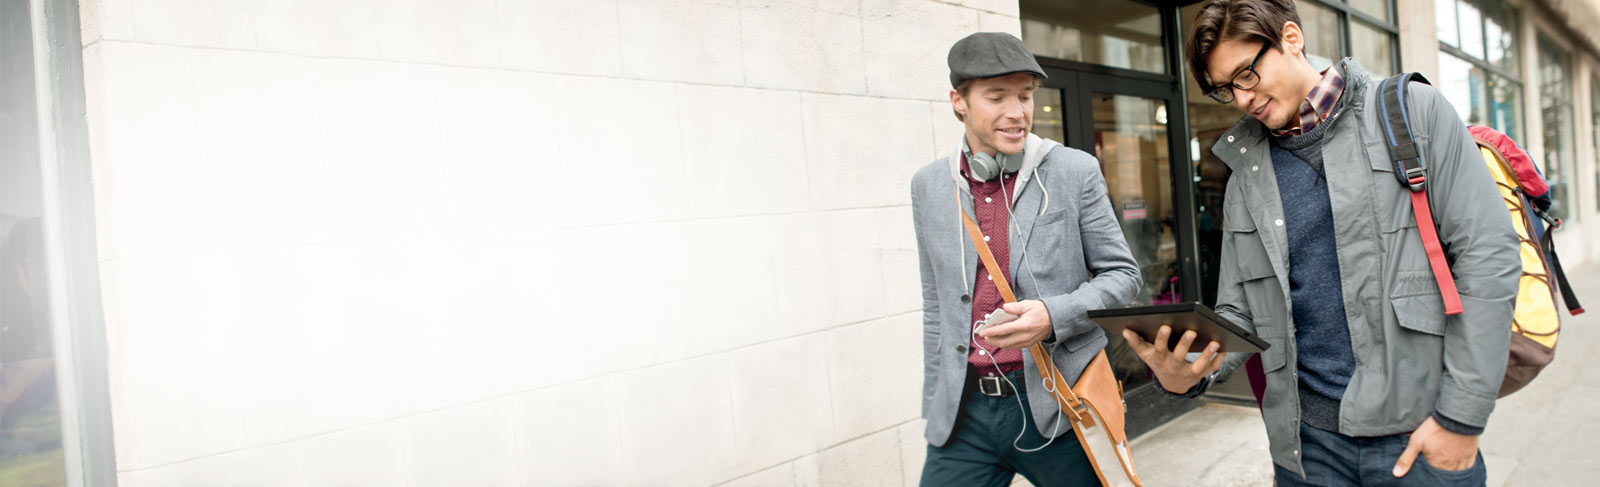 태블릿으로 Office 365를 사용하면서 길을 걷고 있는 두 남자